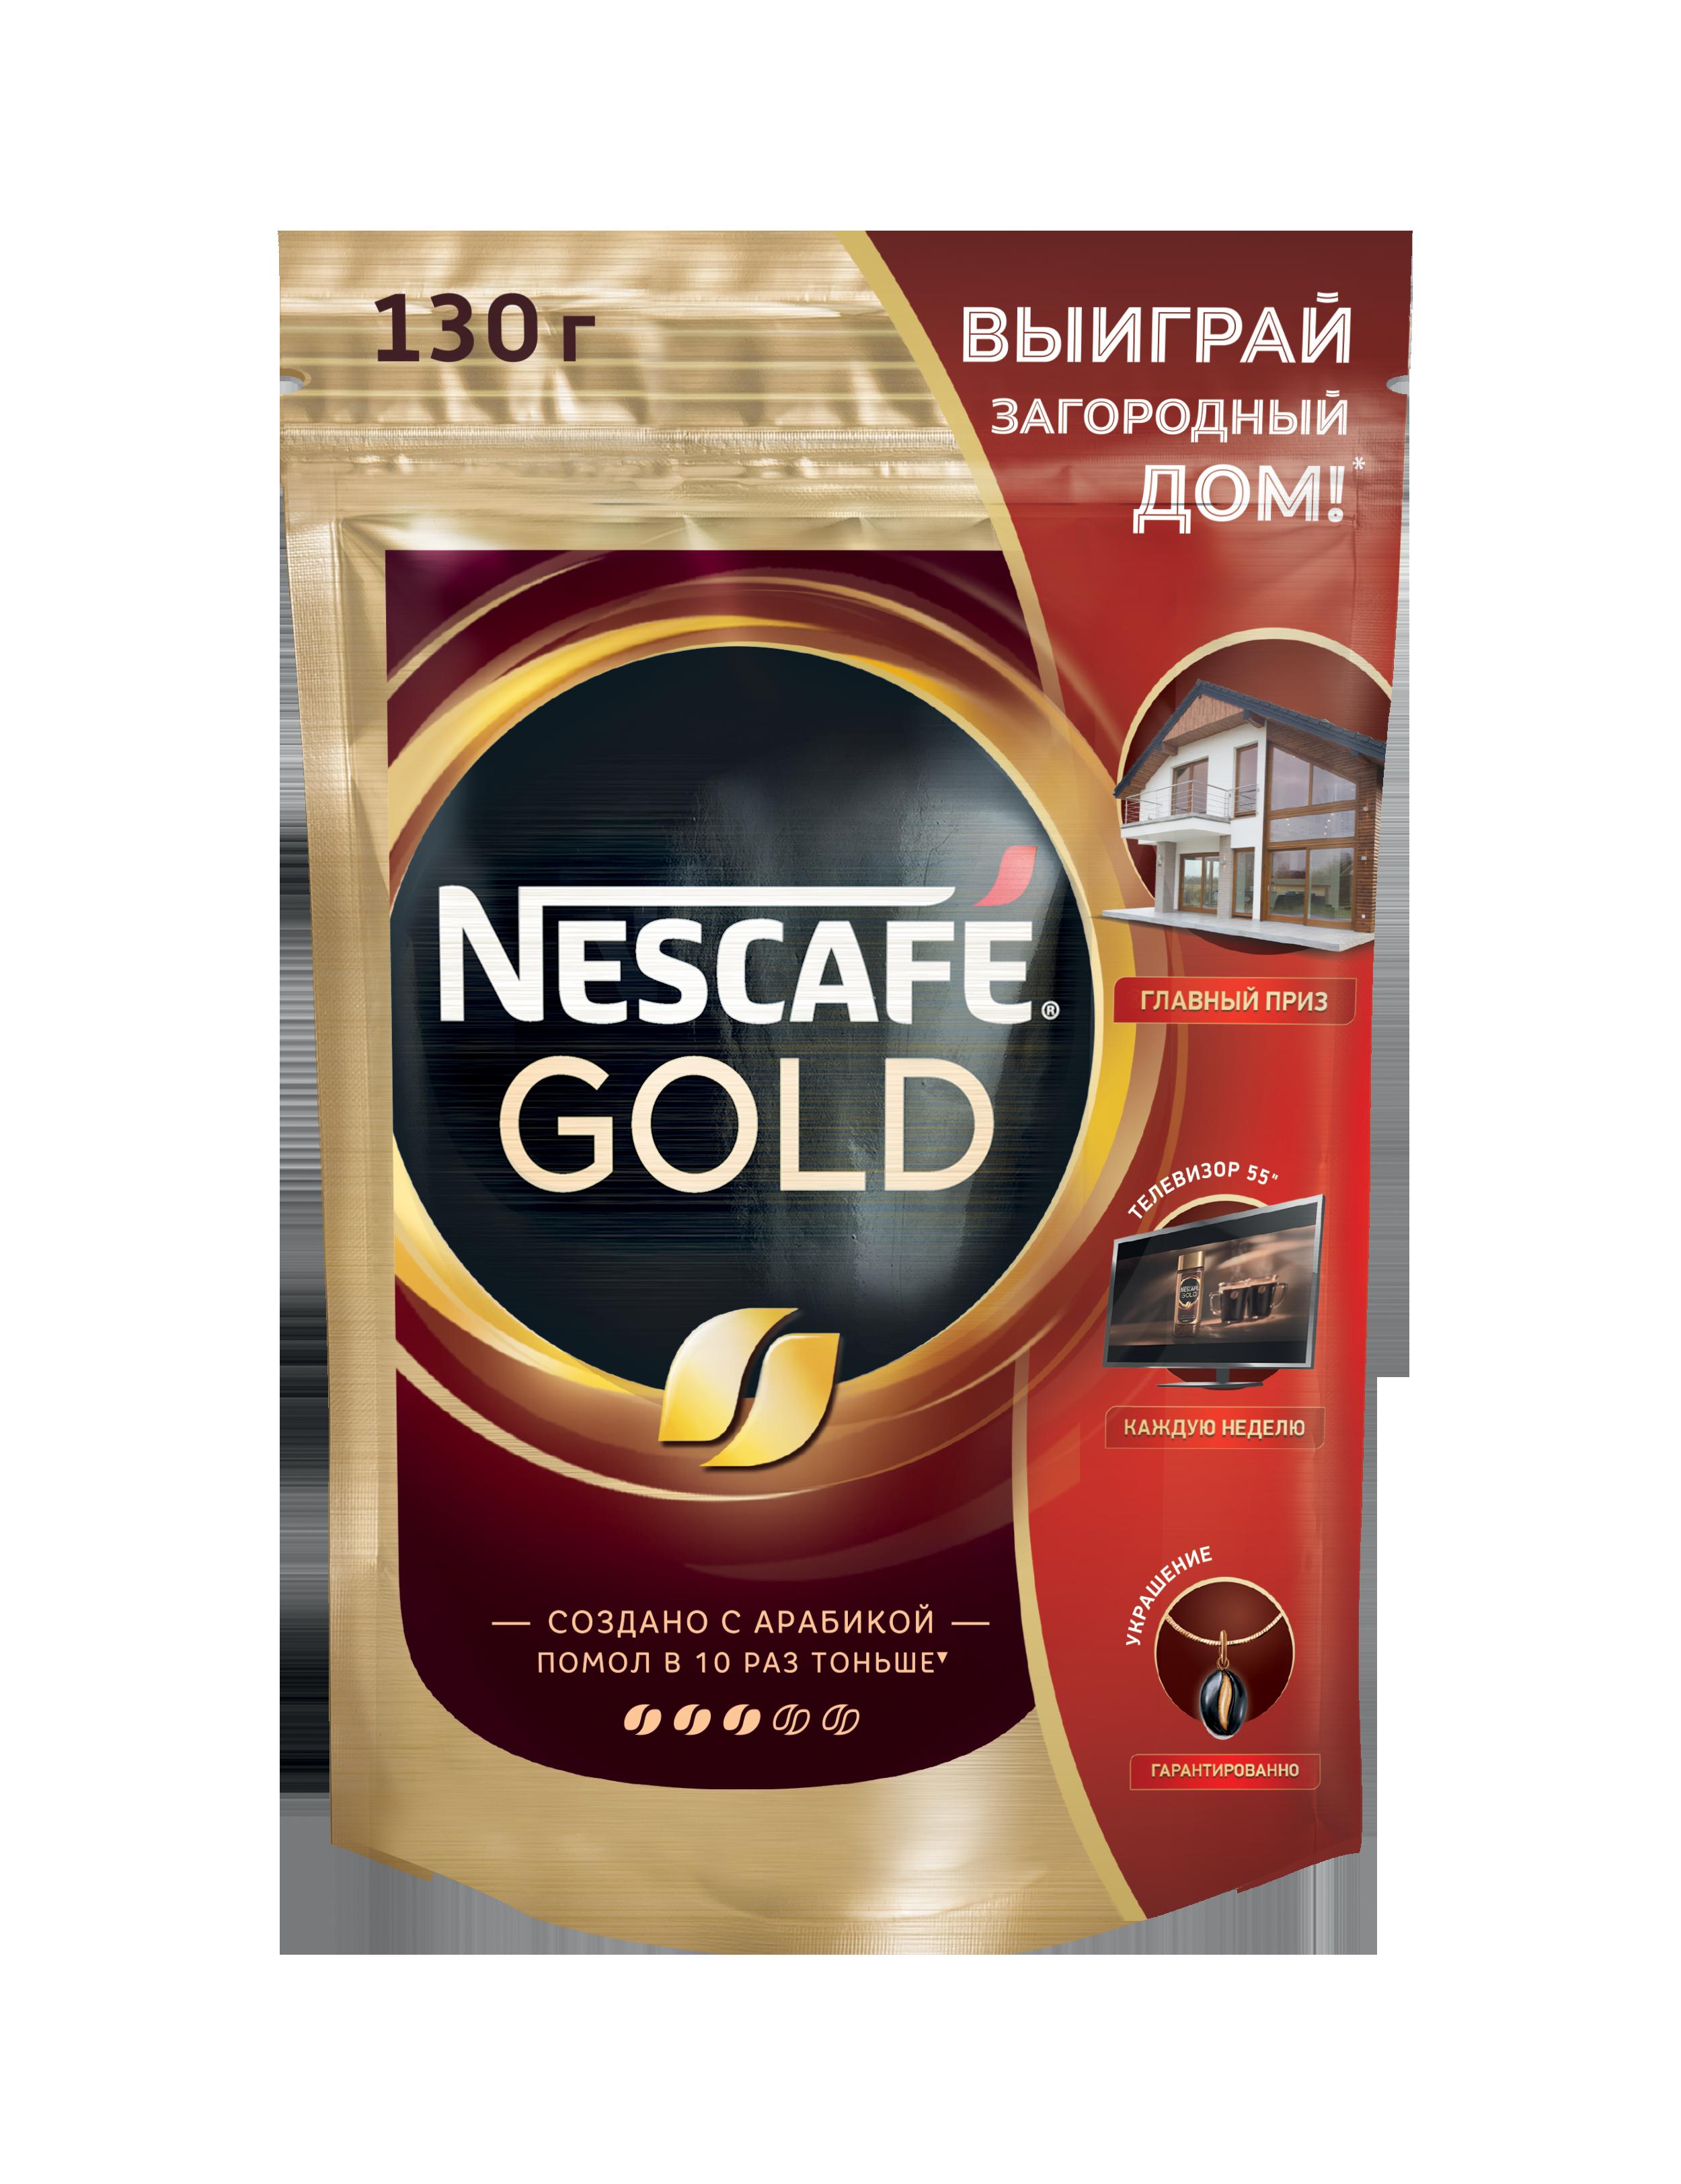 Кофе растворимый Nescafe gold пакет 130 г фото